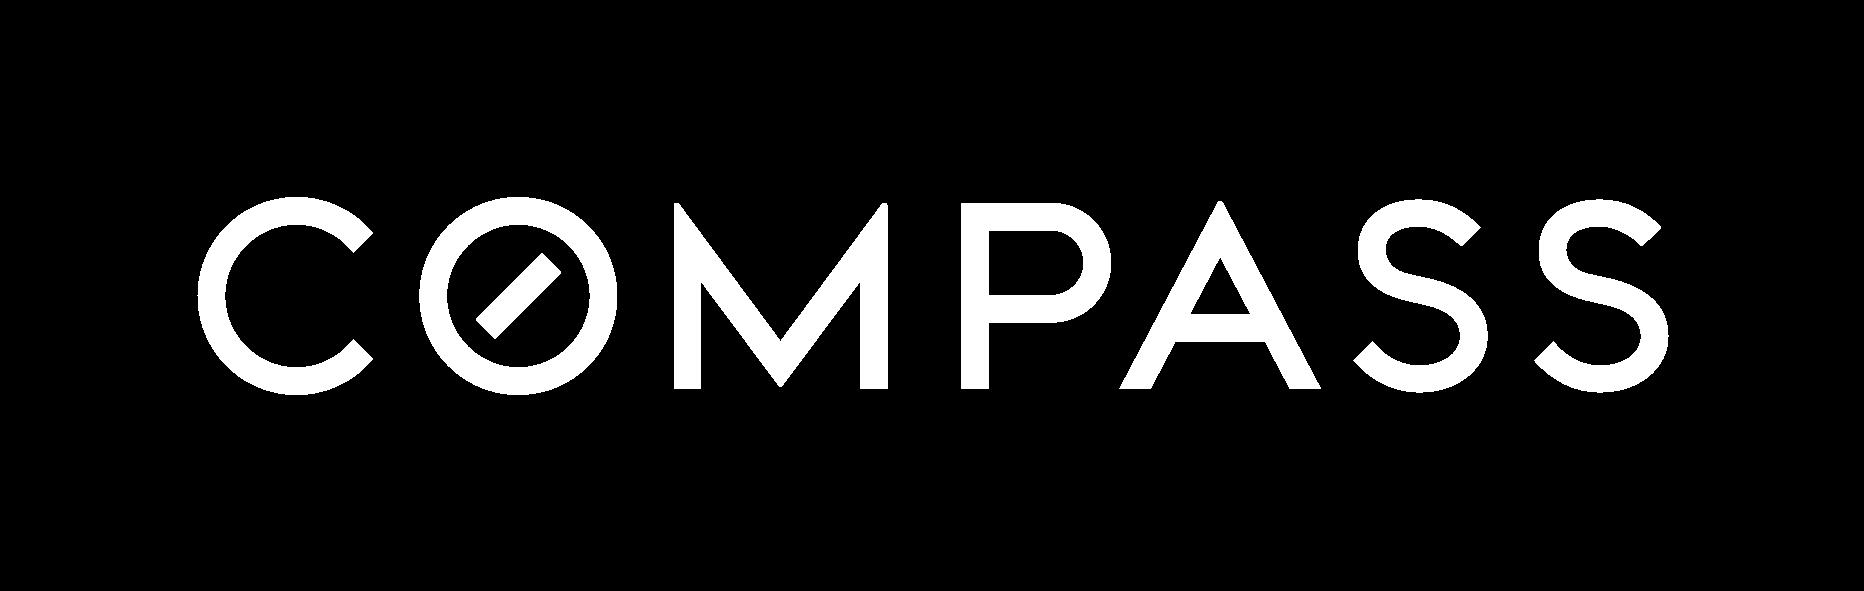 compass_logo_white_transparent.png